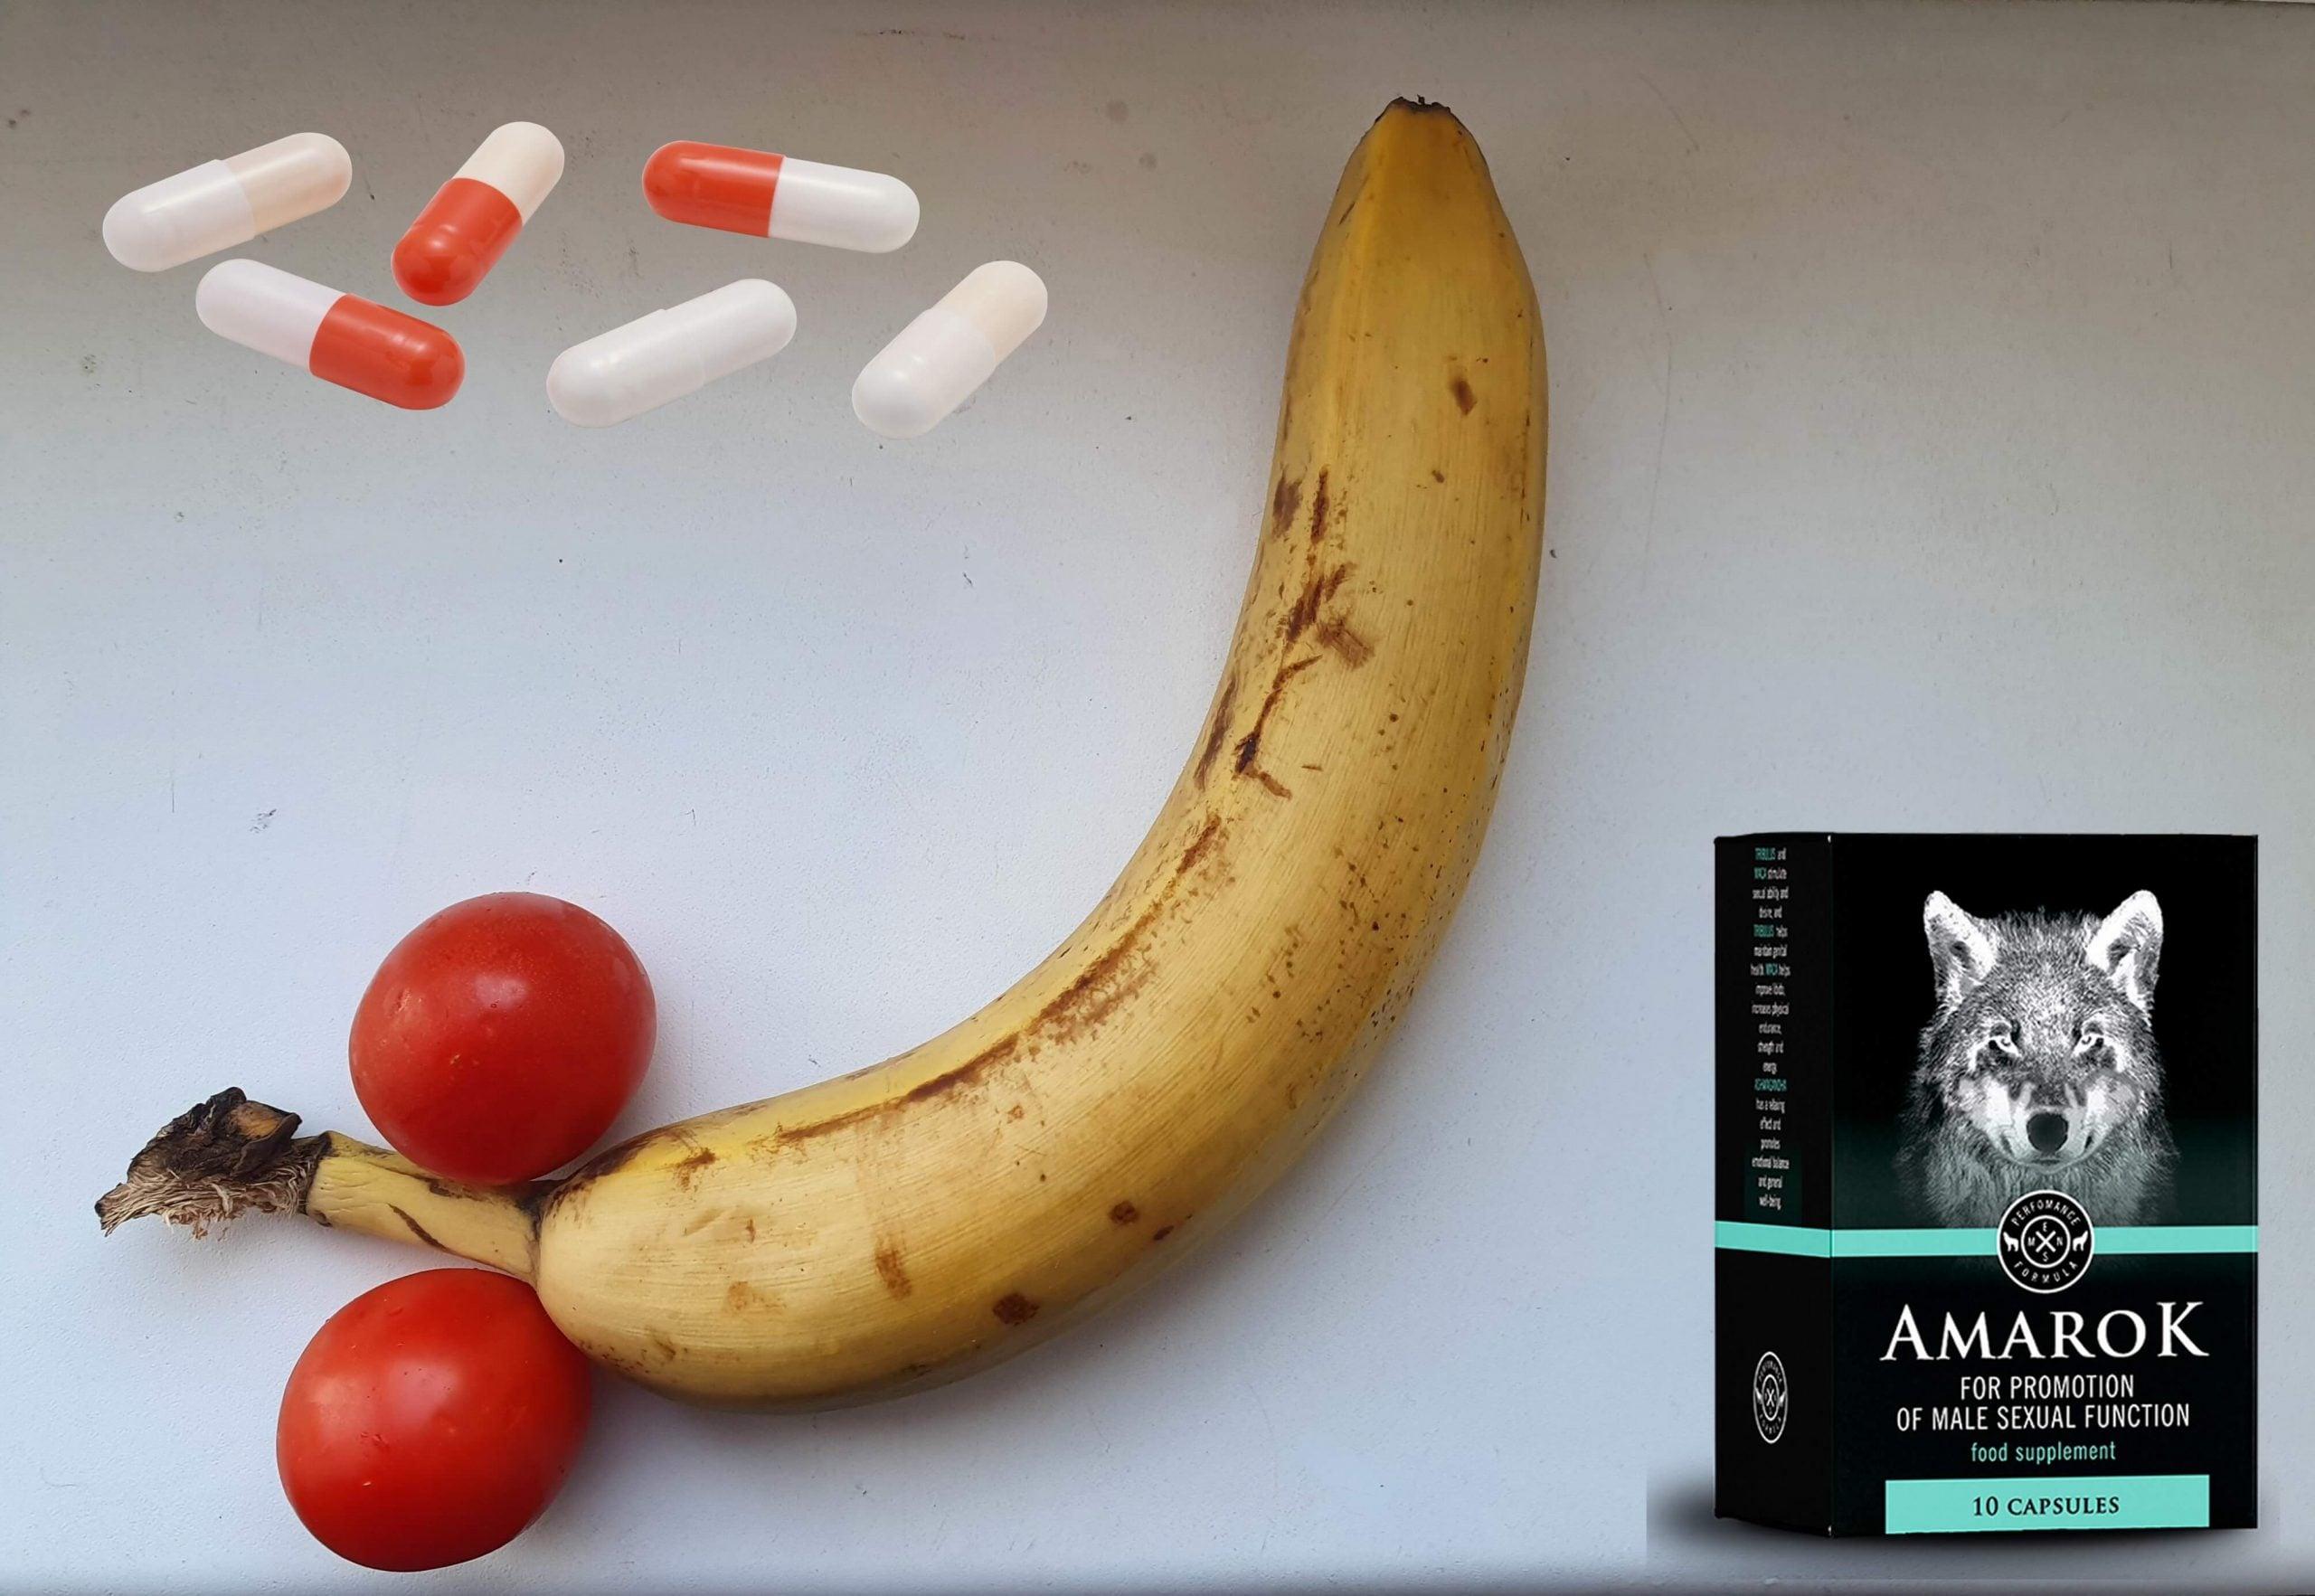 biztonságos gyógymód az erekcióhoz